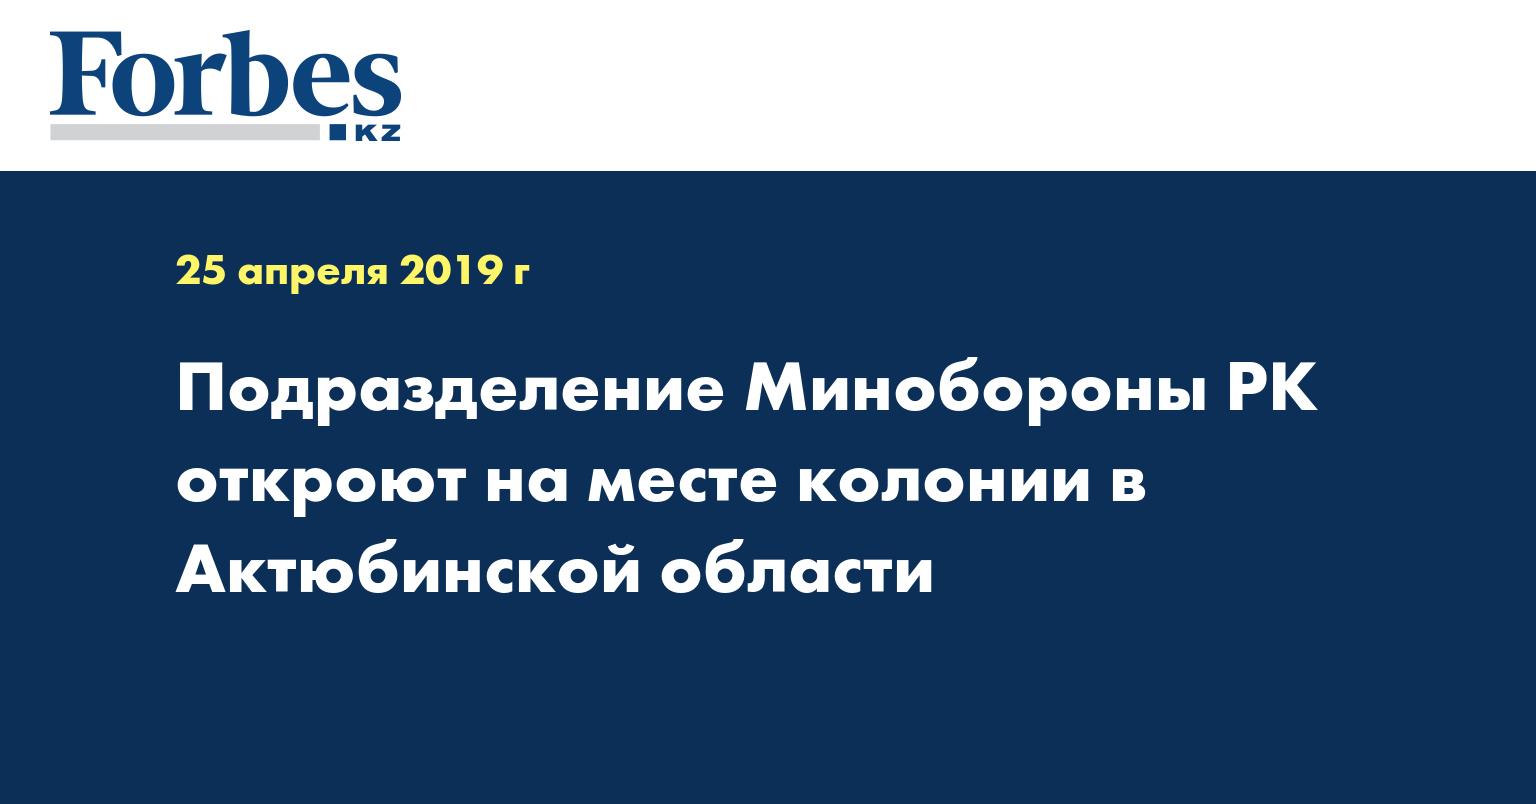 Подразделение Минобороны РК откроют на месте колонии в Актюбинской области